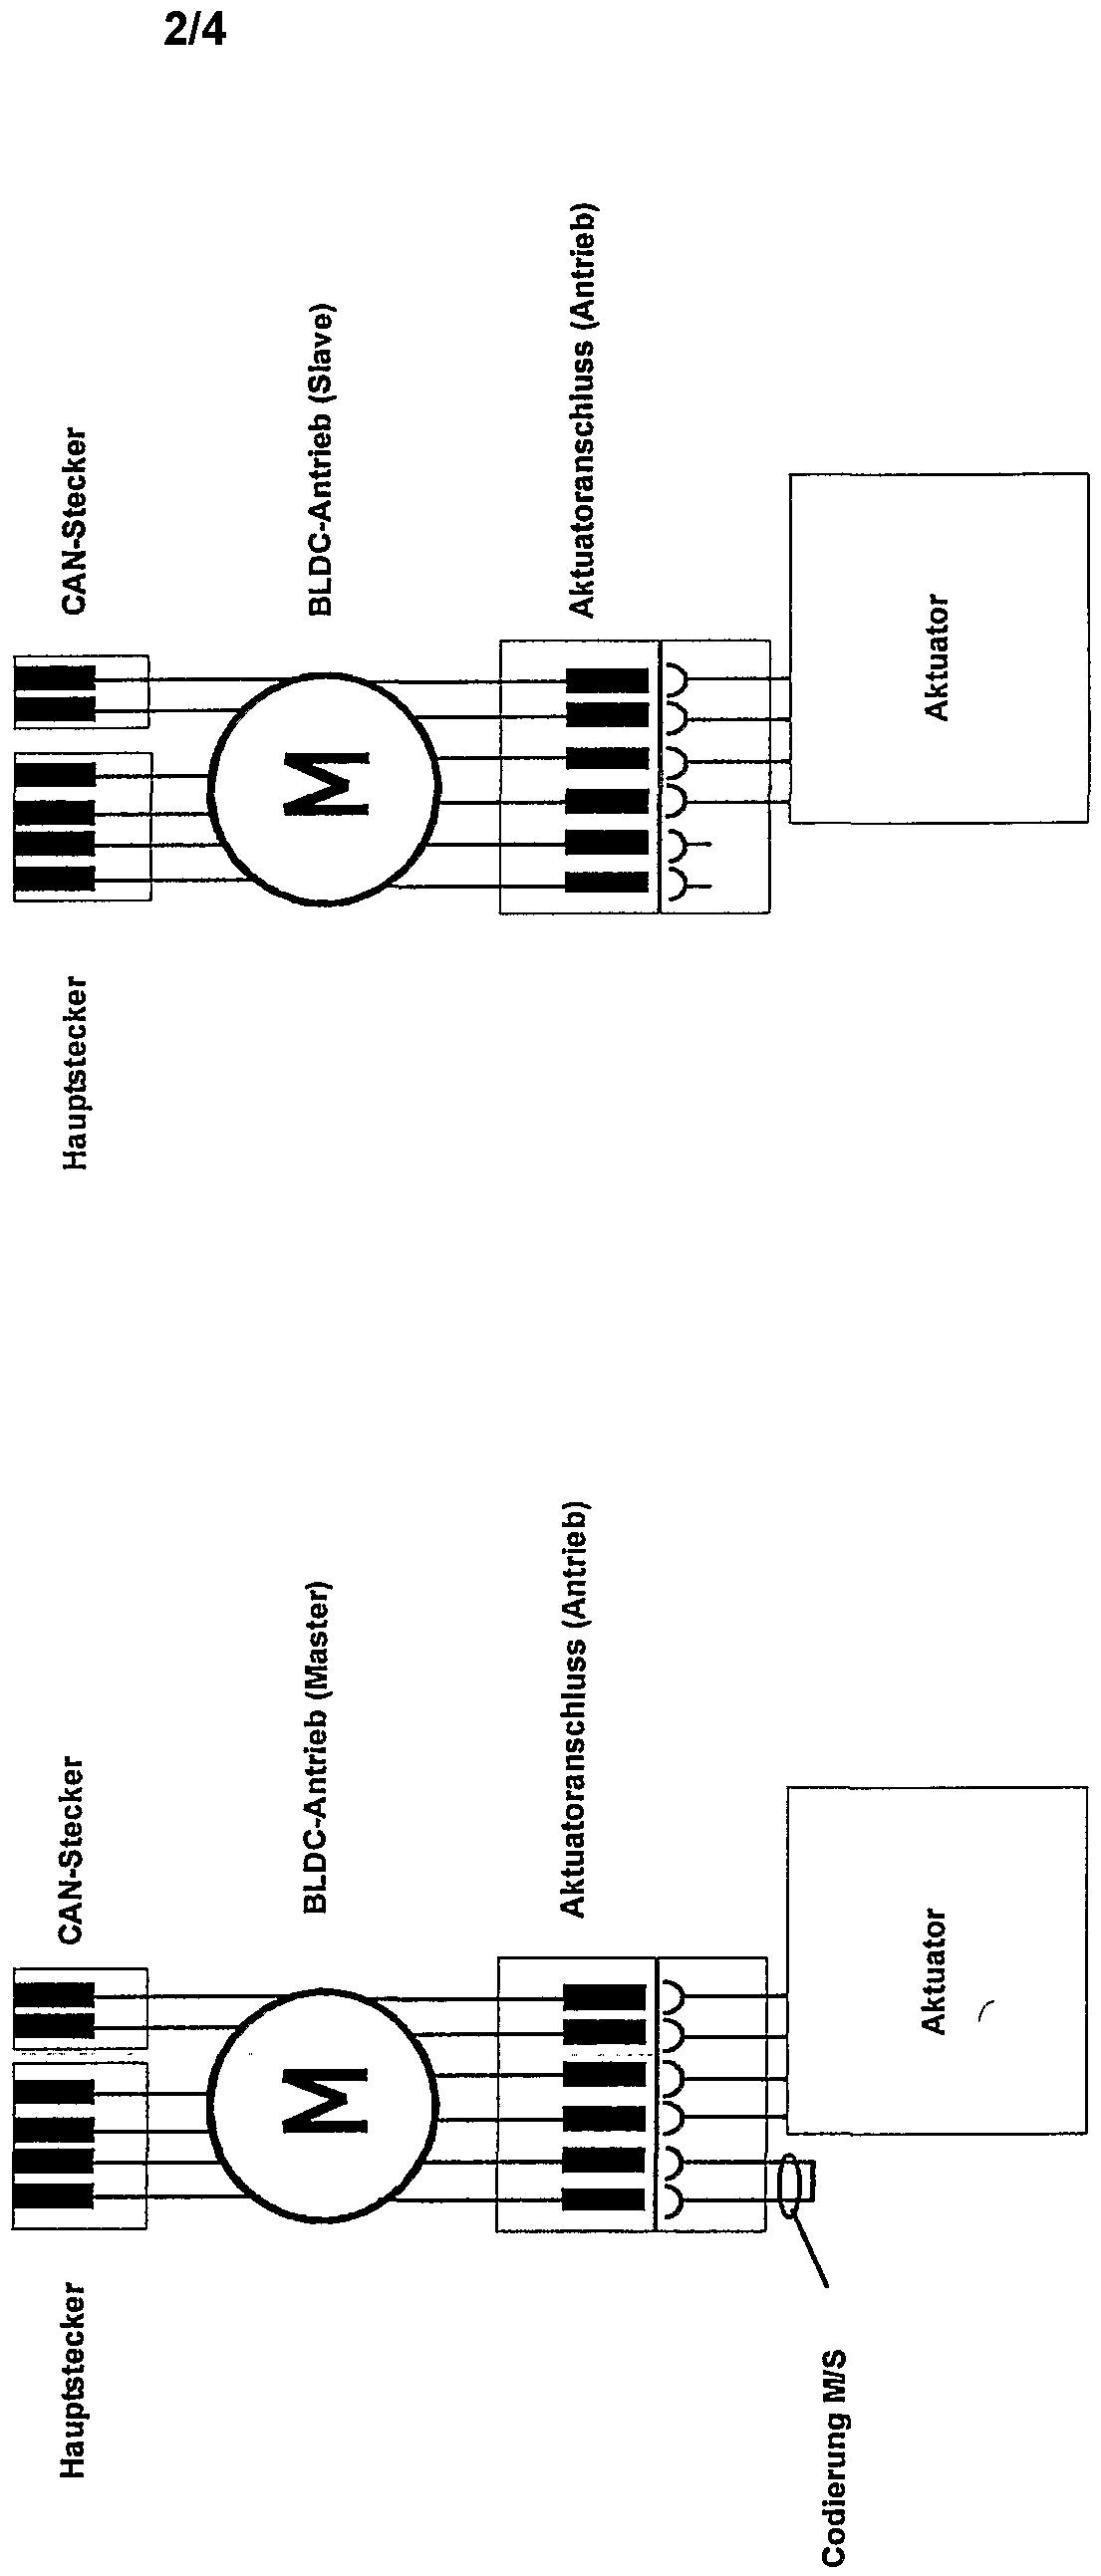 Tolle Caterpillar Schaltplan Stecker Fotos - Der Schaltplan ...